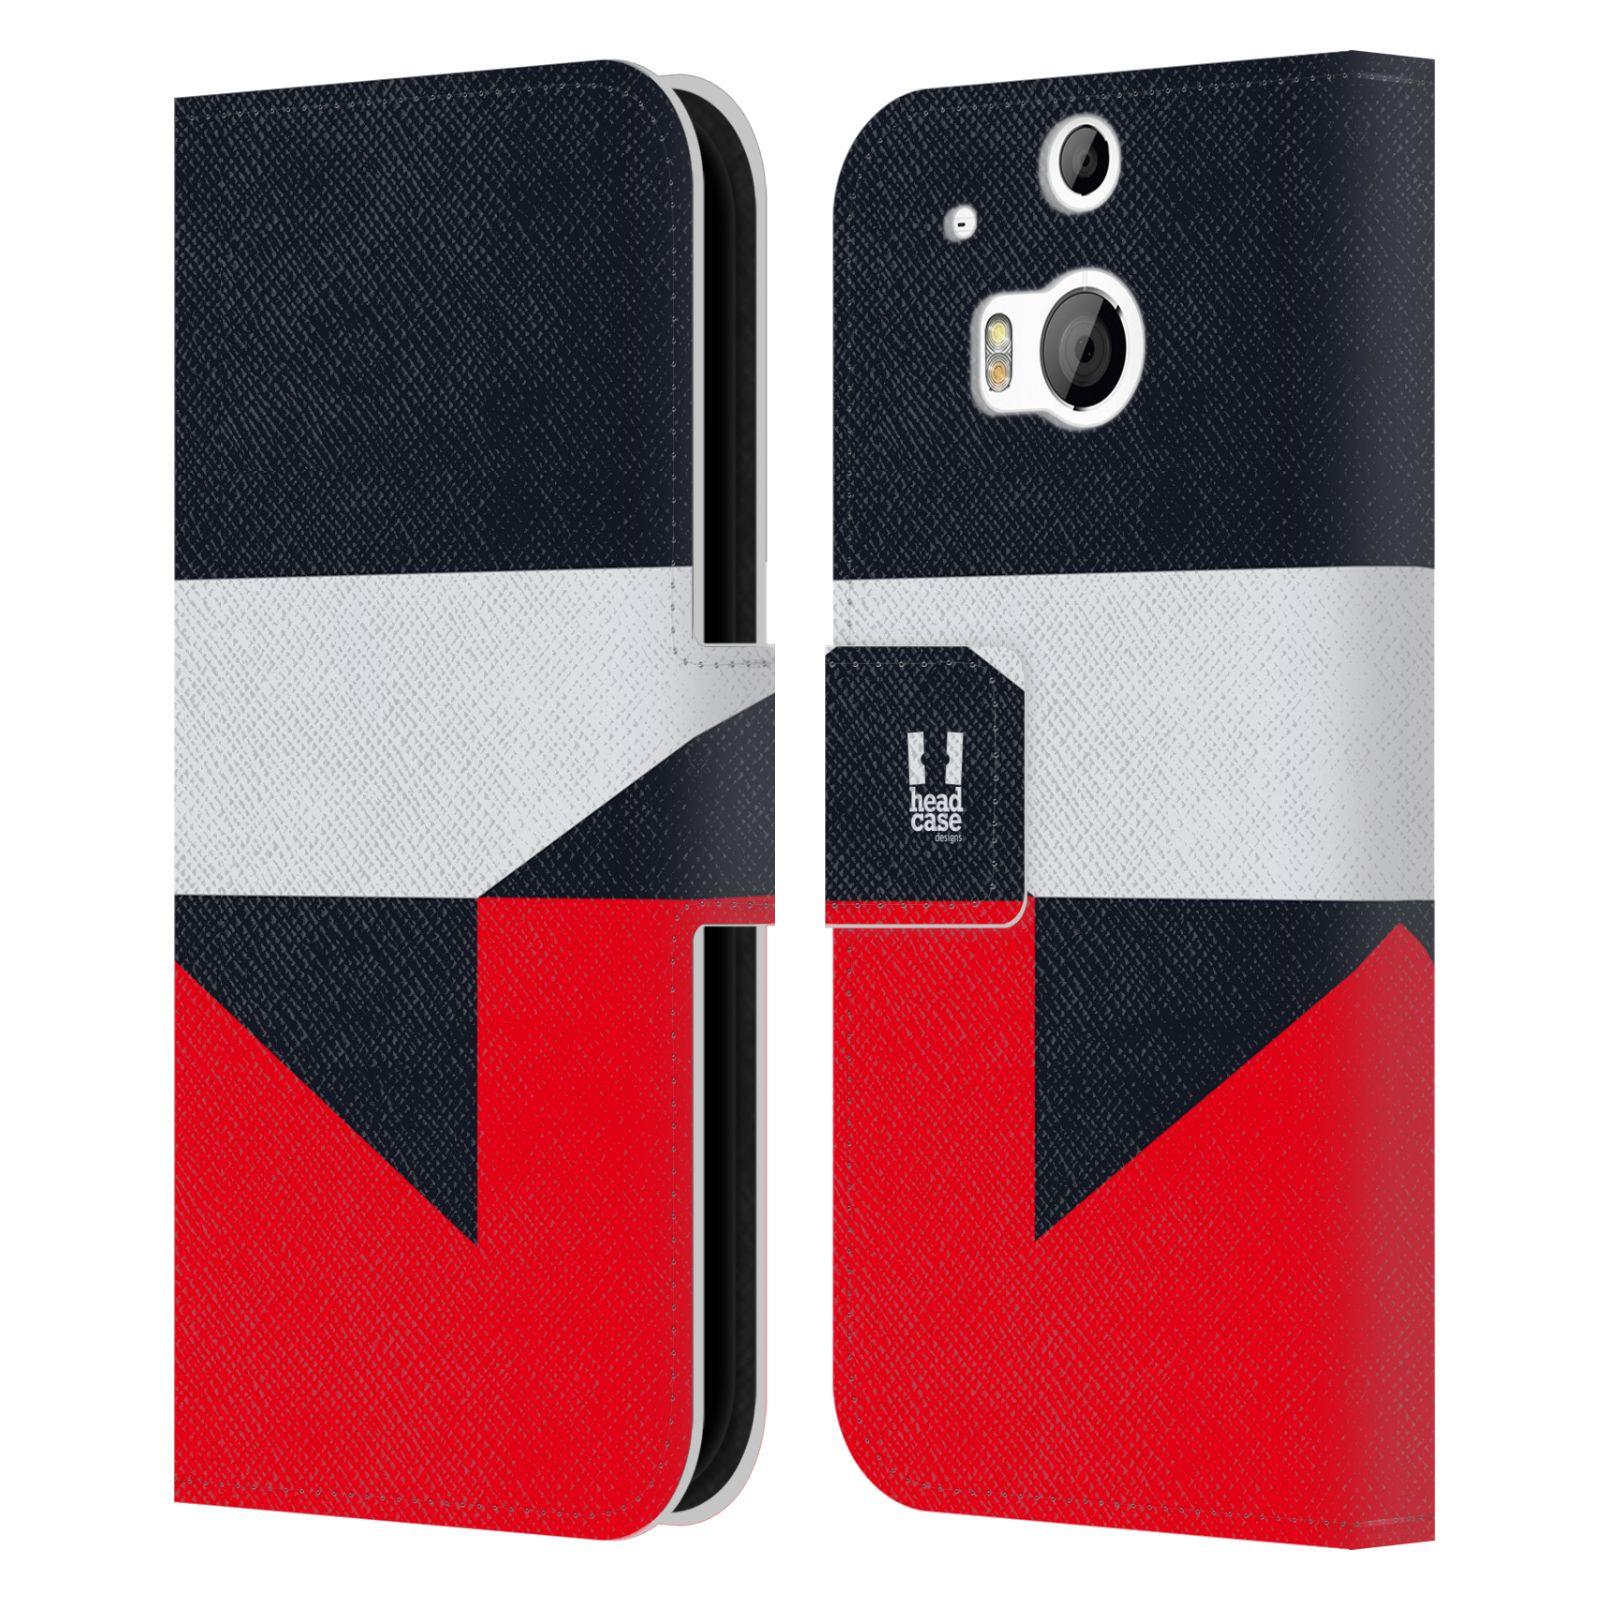 HEAD CASE Flipové pouzdro pro mobil HTC ONE M8/M8s barevné tvary černá a červená gejša